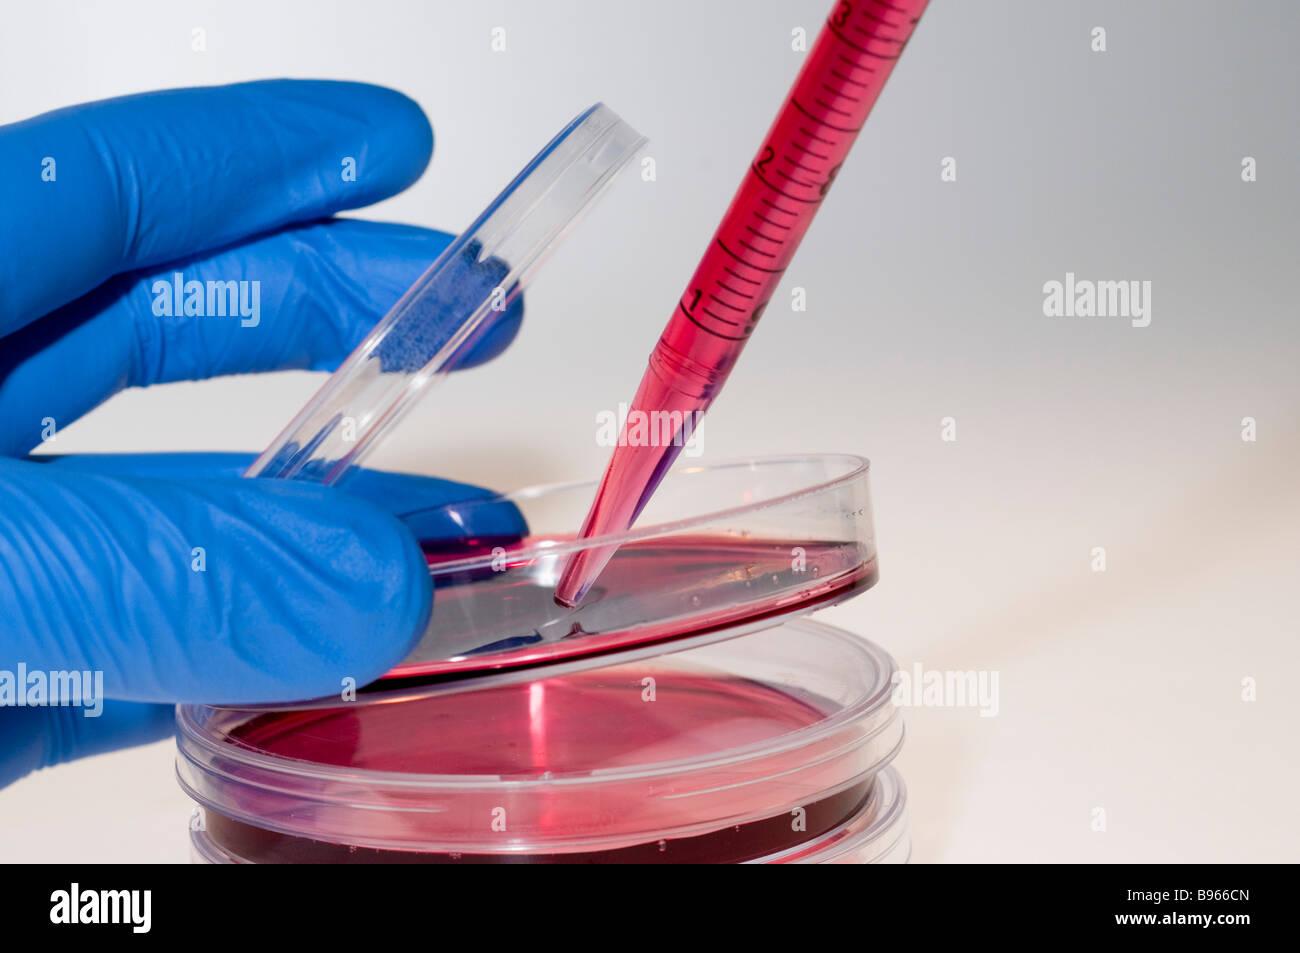 Los cultivos celulares en placas Petri Foto de stock